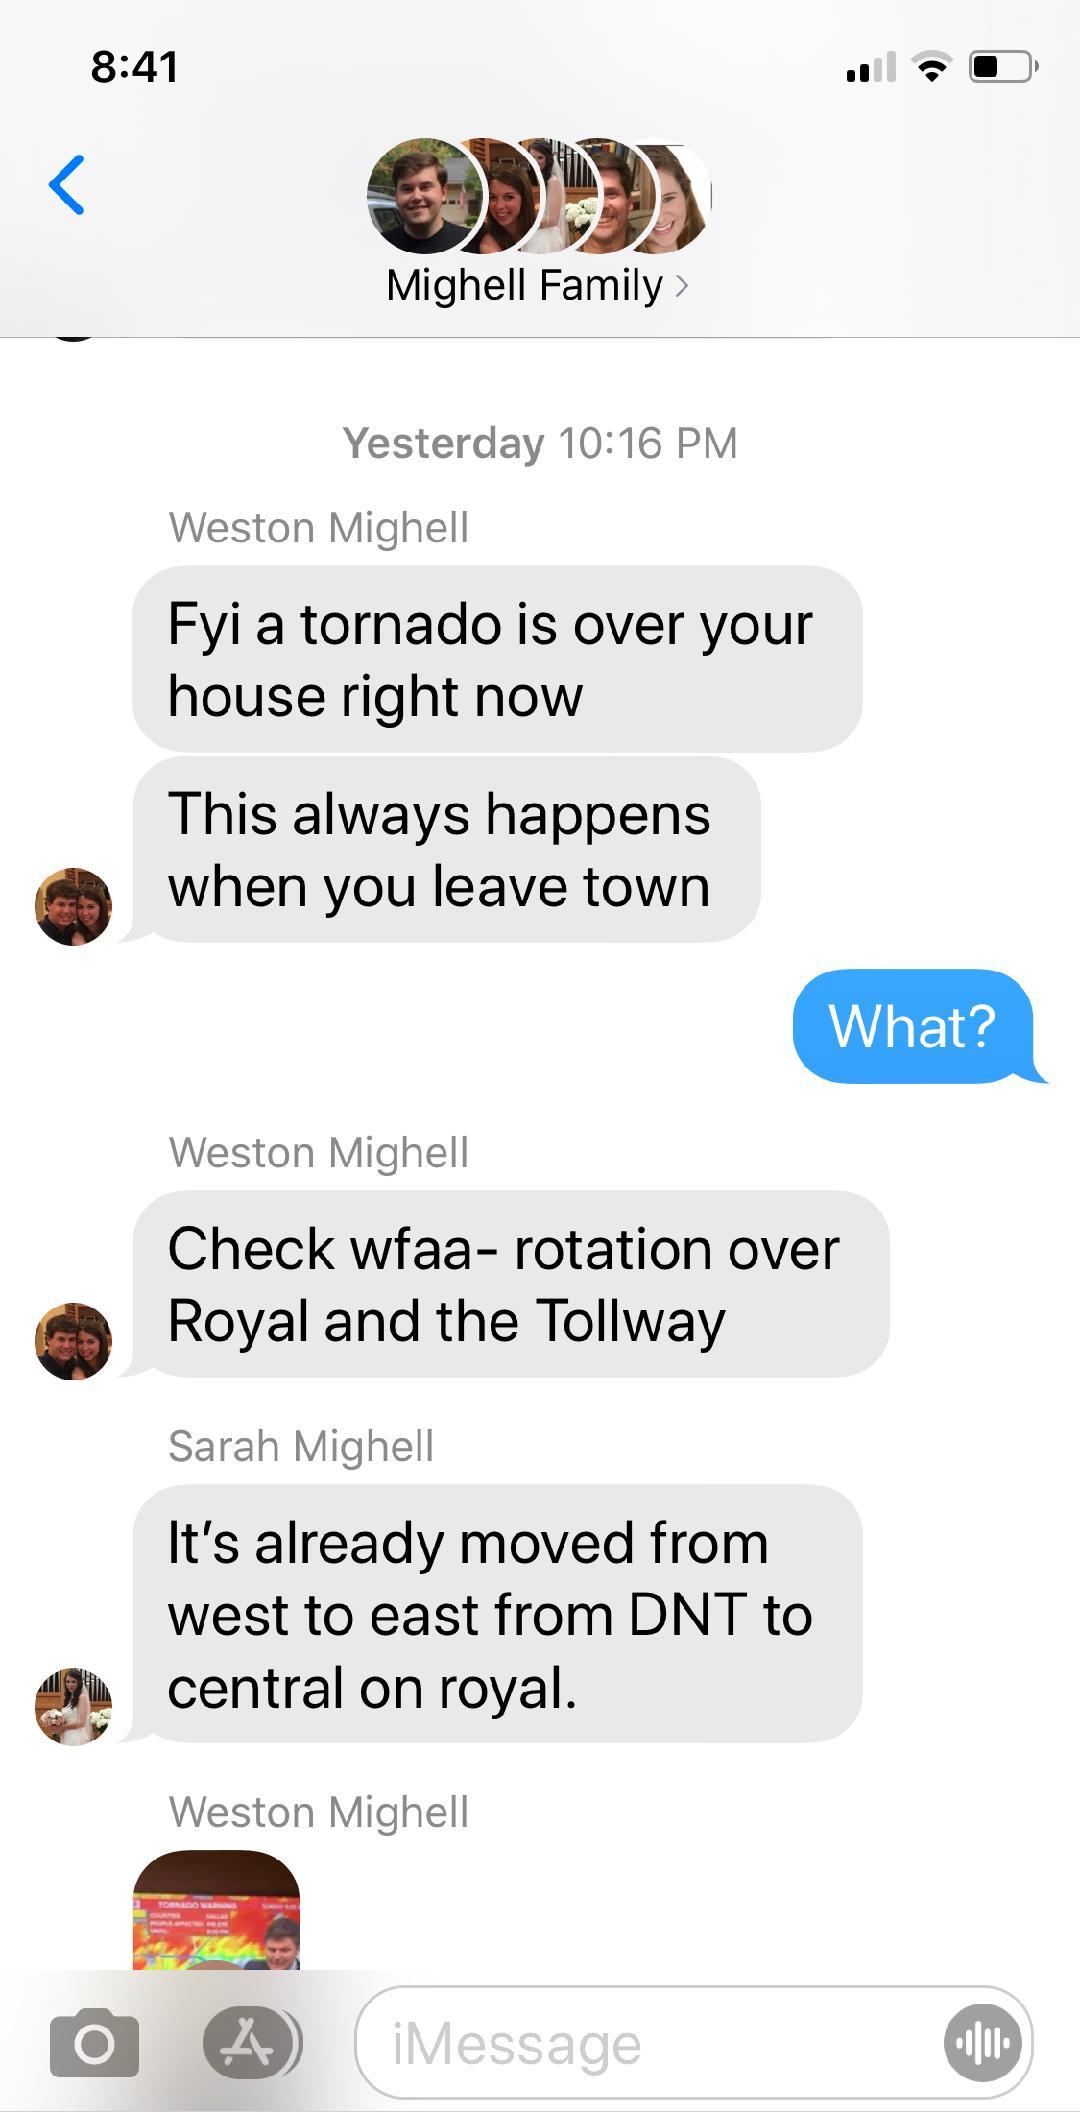 screenshot of a text message